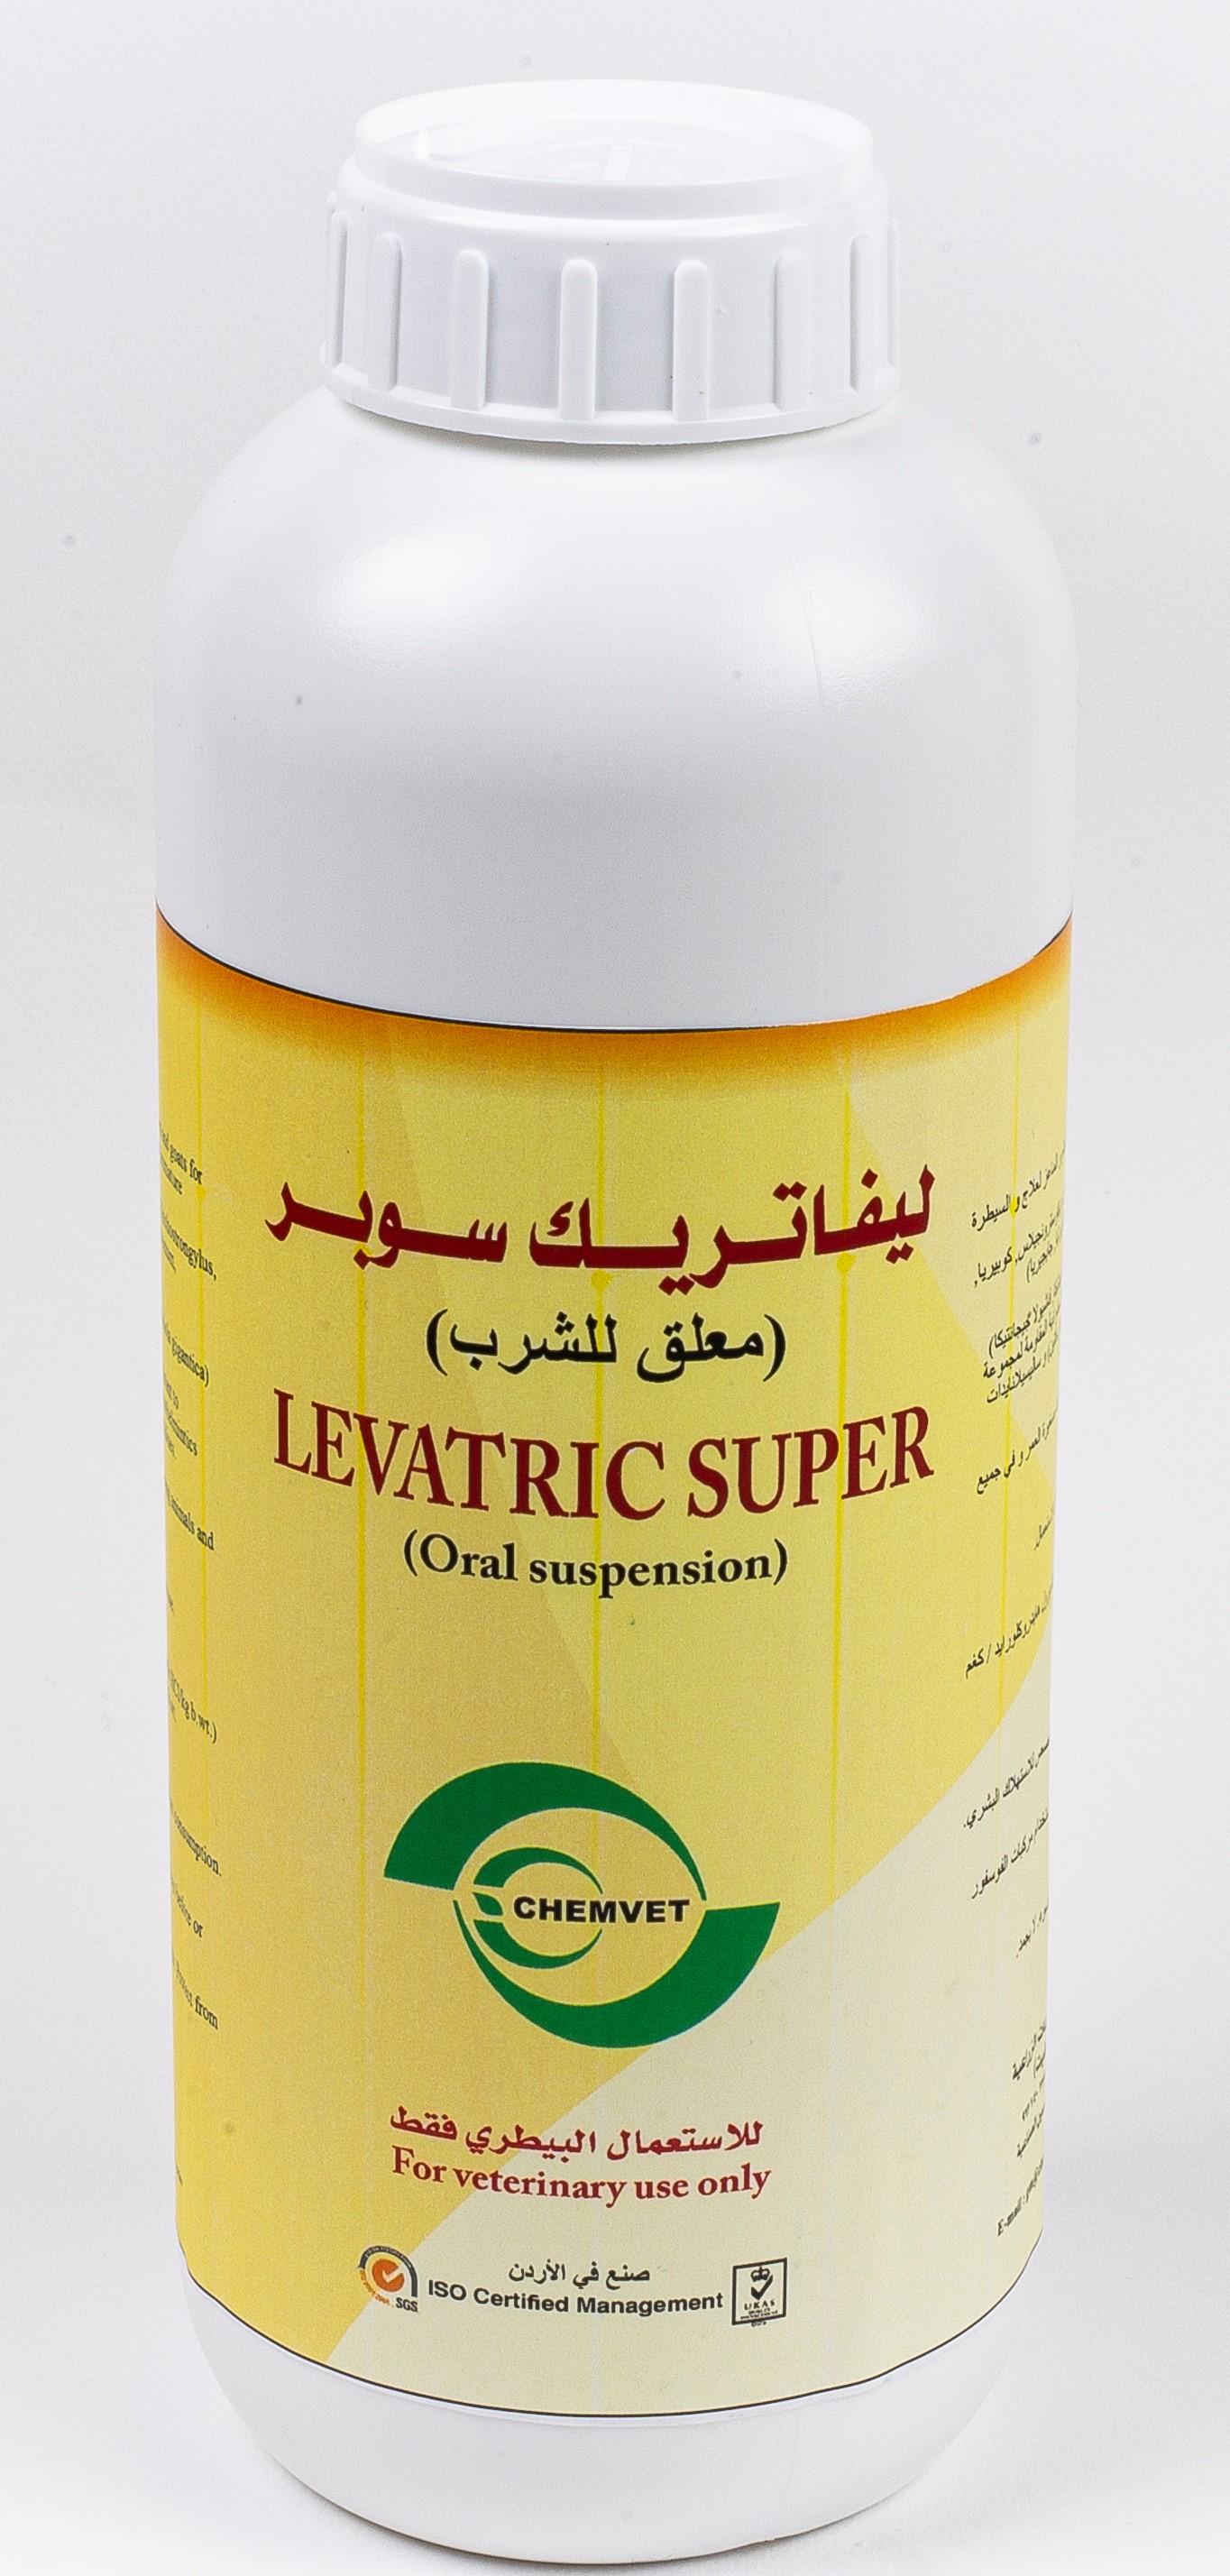 LEVATRIC SUPER